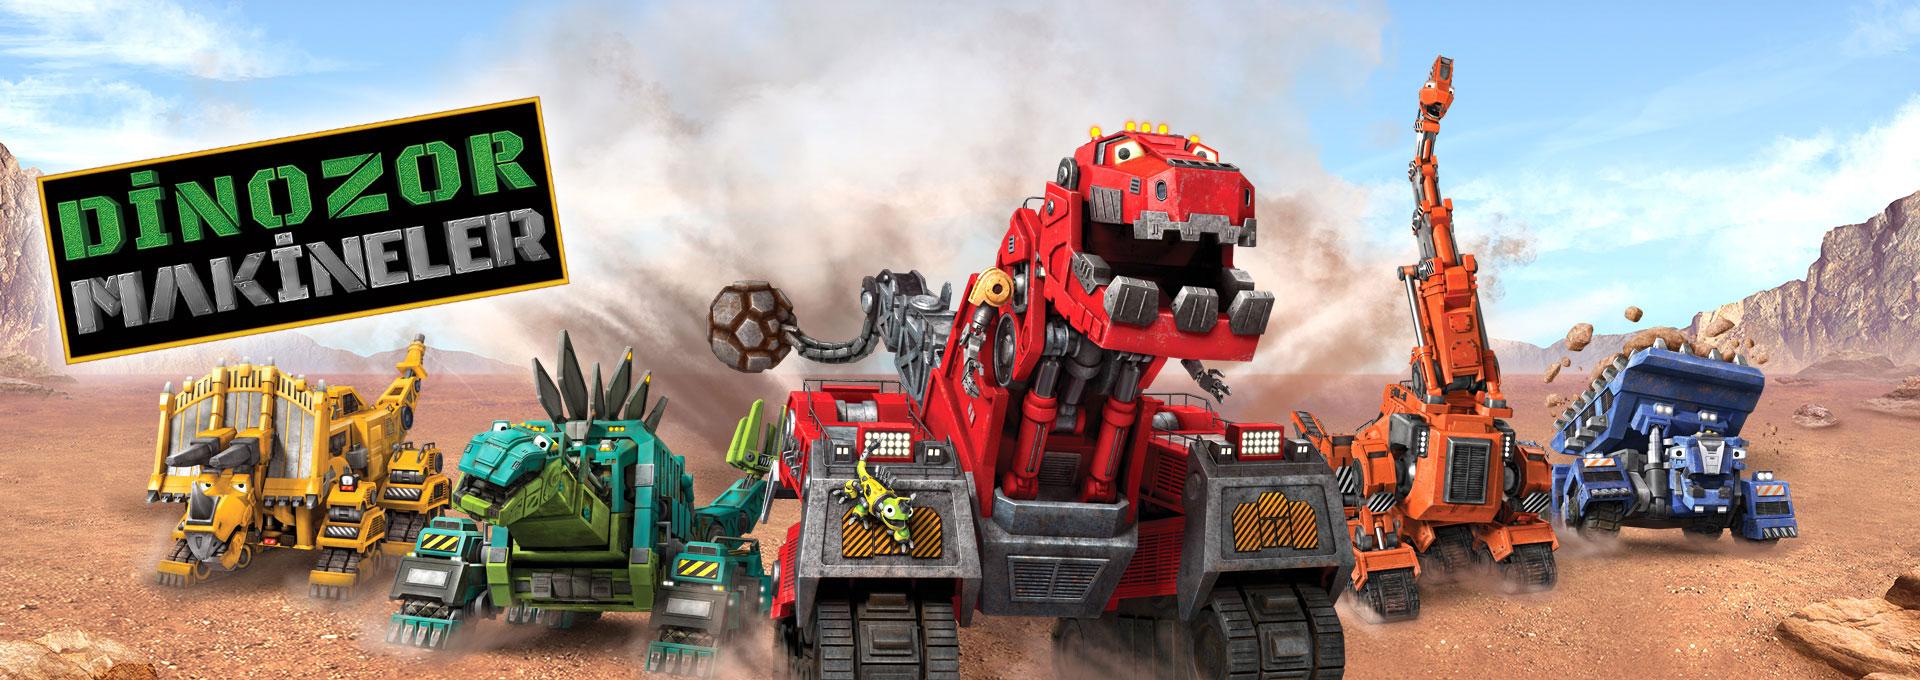 Dinozor Makineler Programlar Trt çocuk